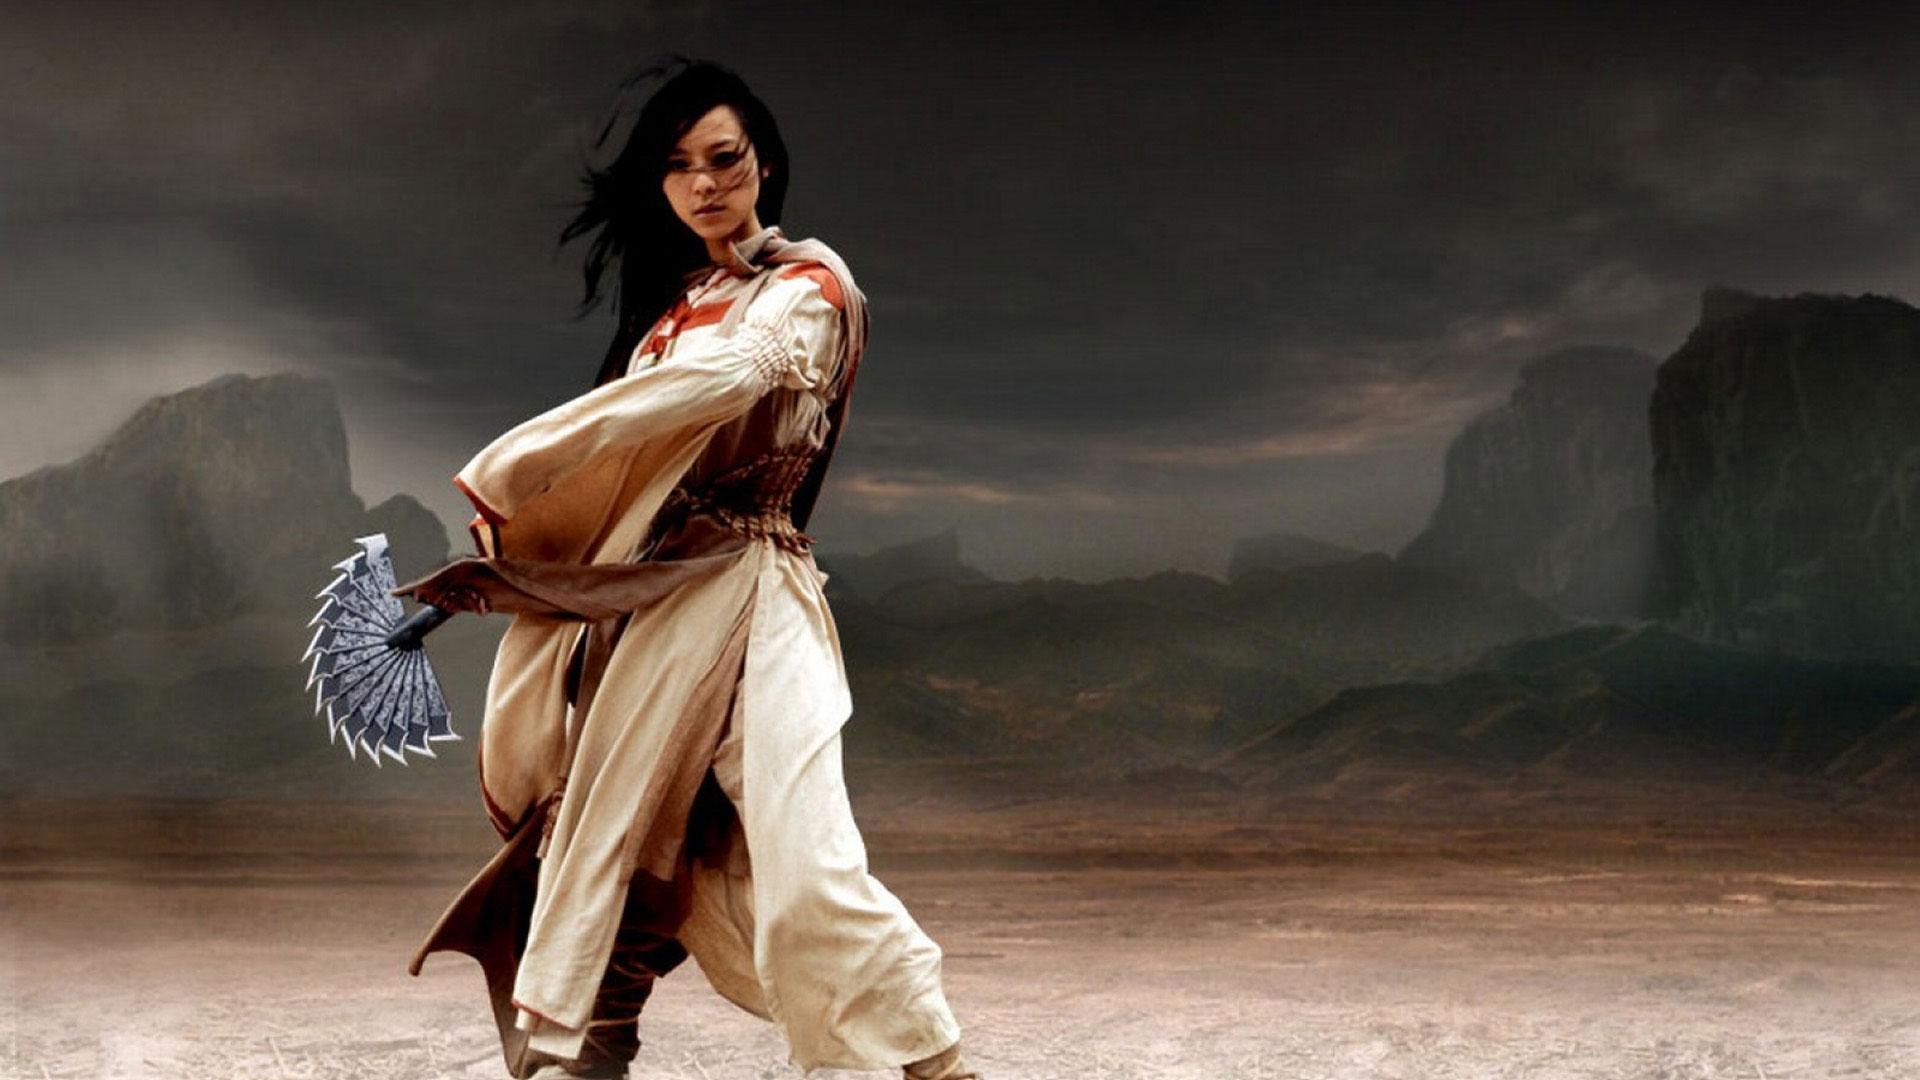 22 martial arts hd - photo #24